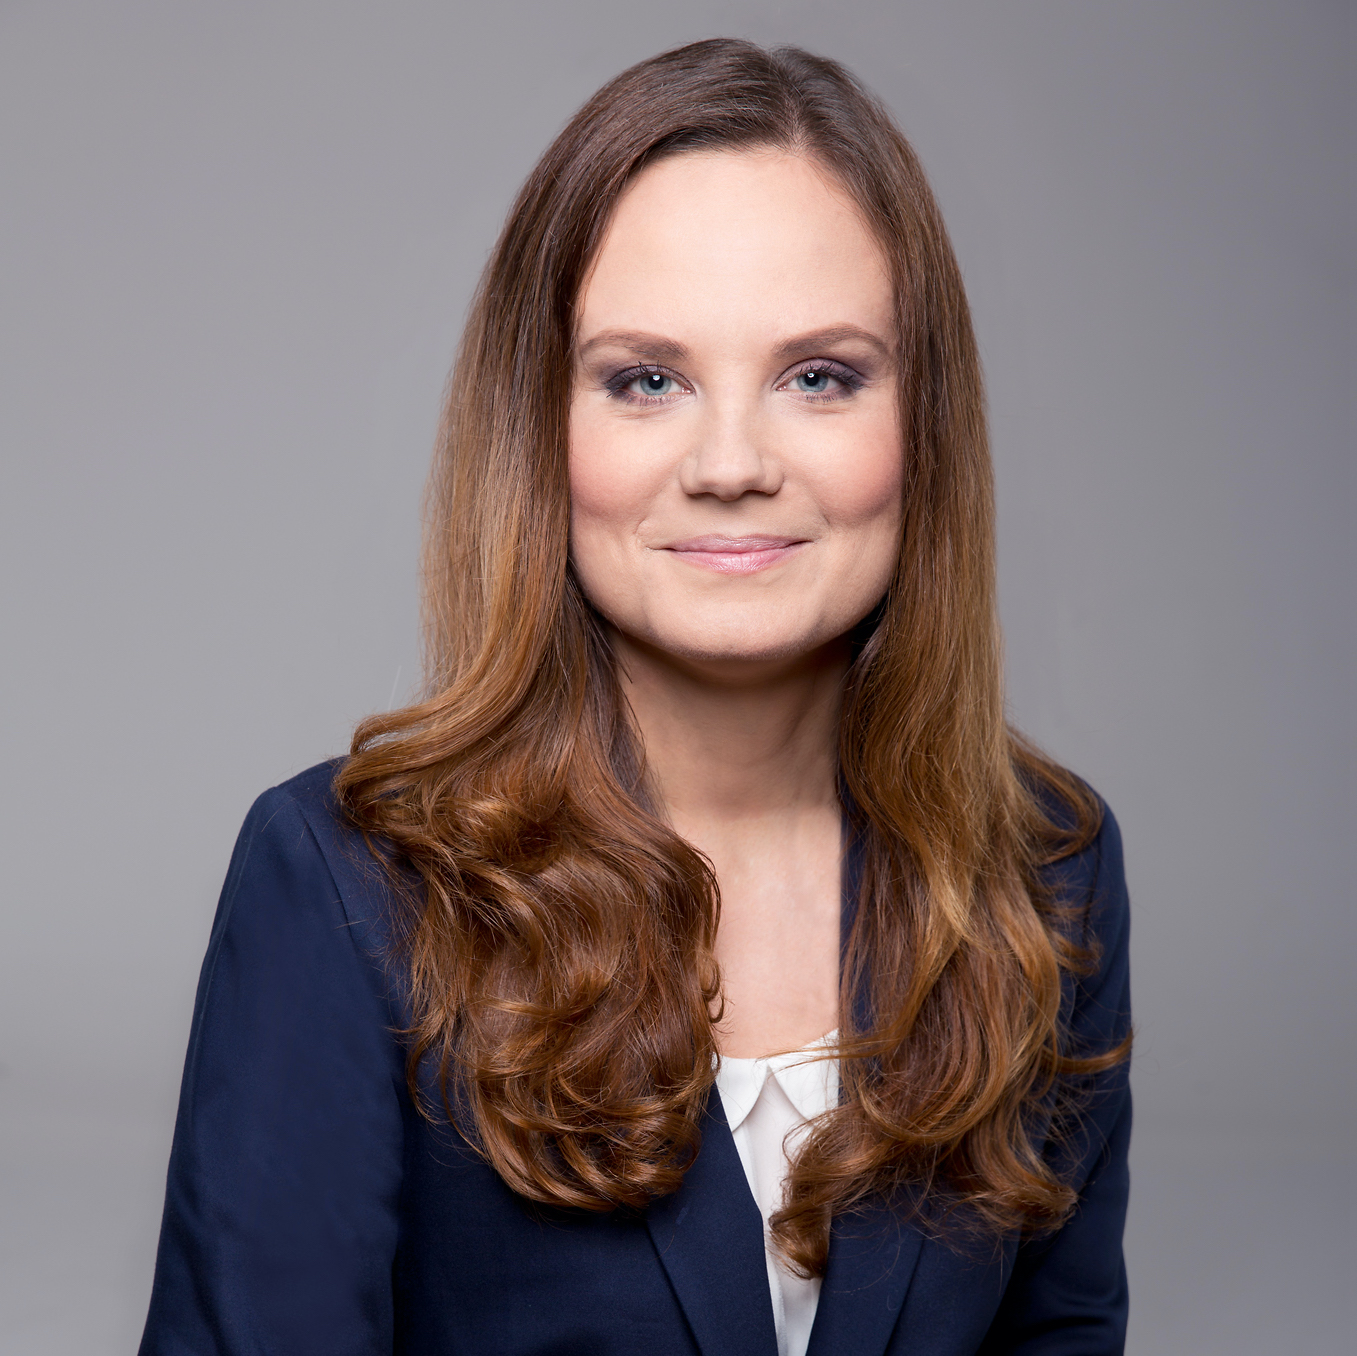 Dorota Olszewska